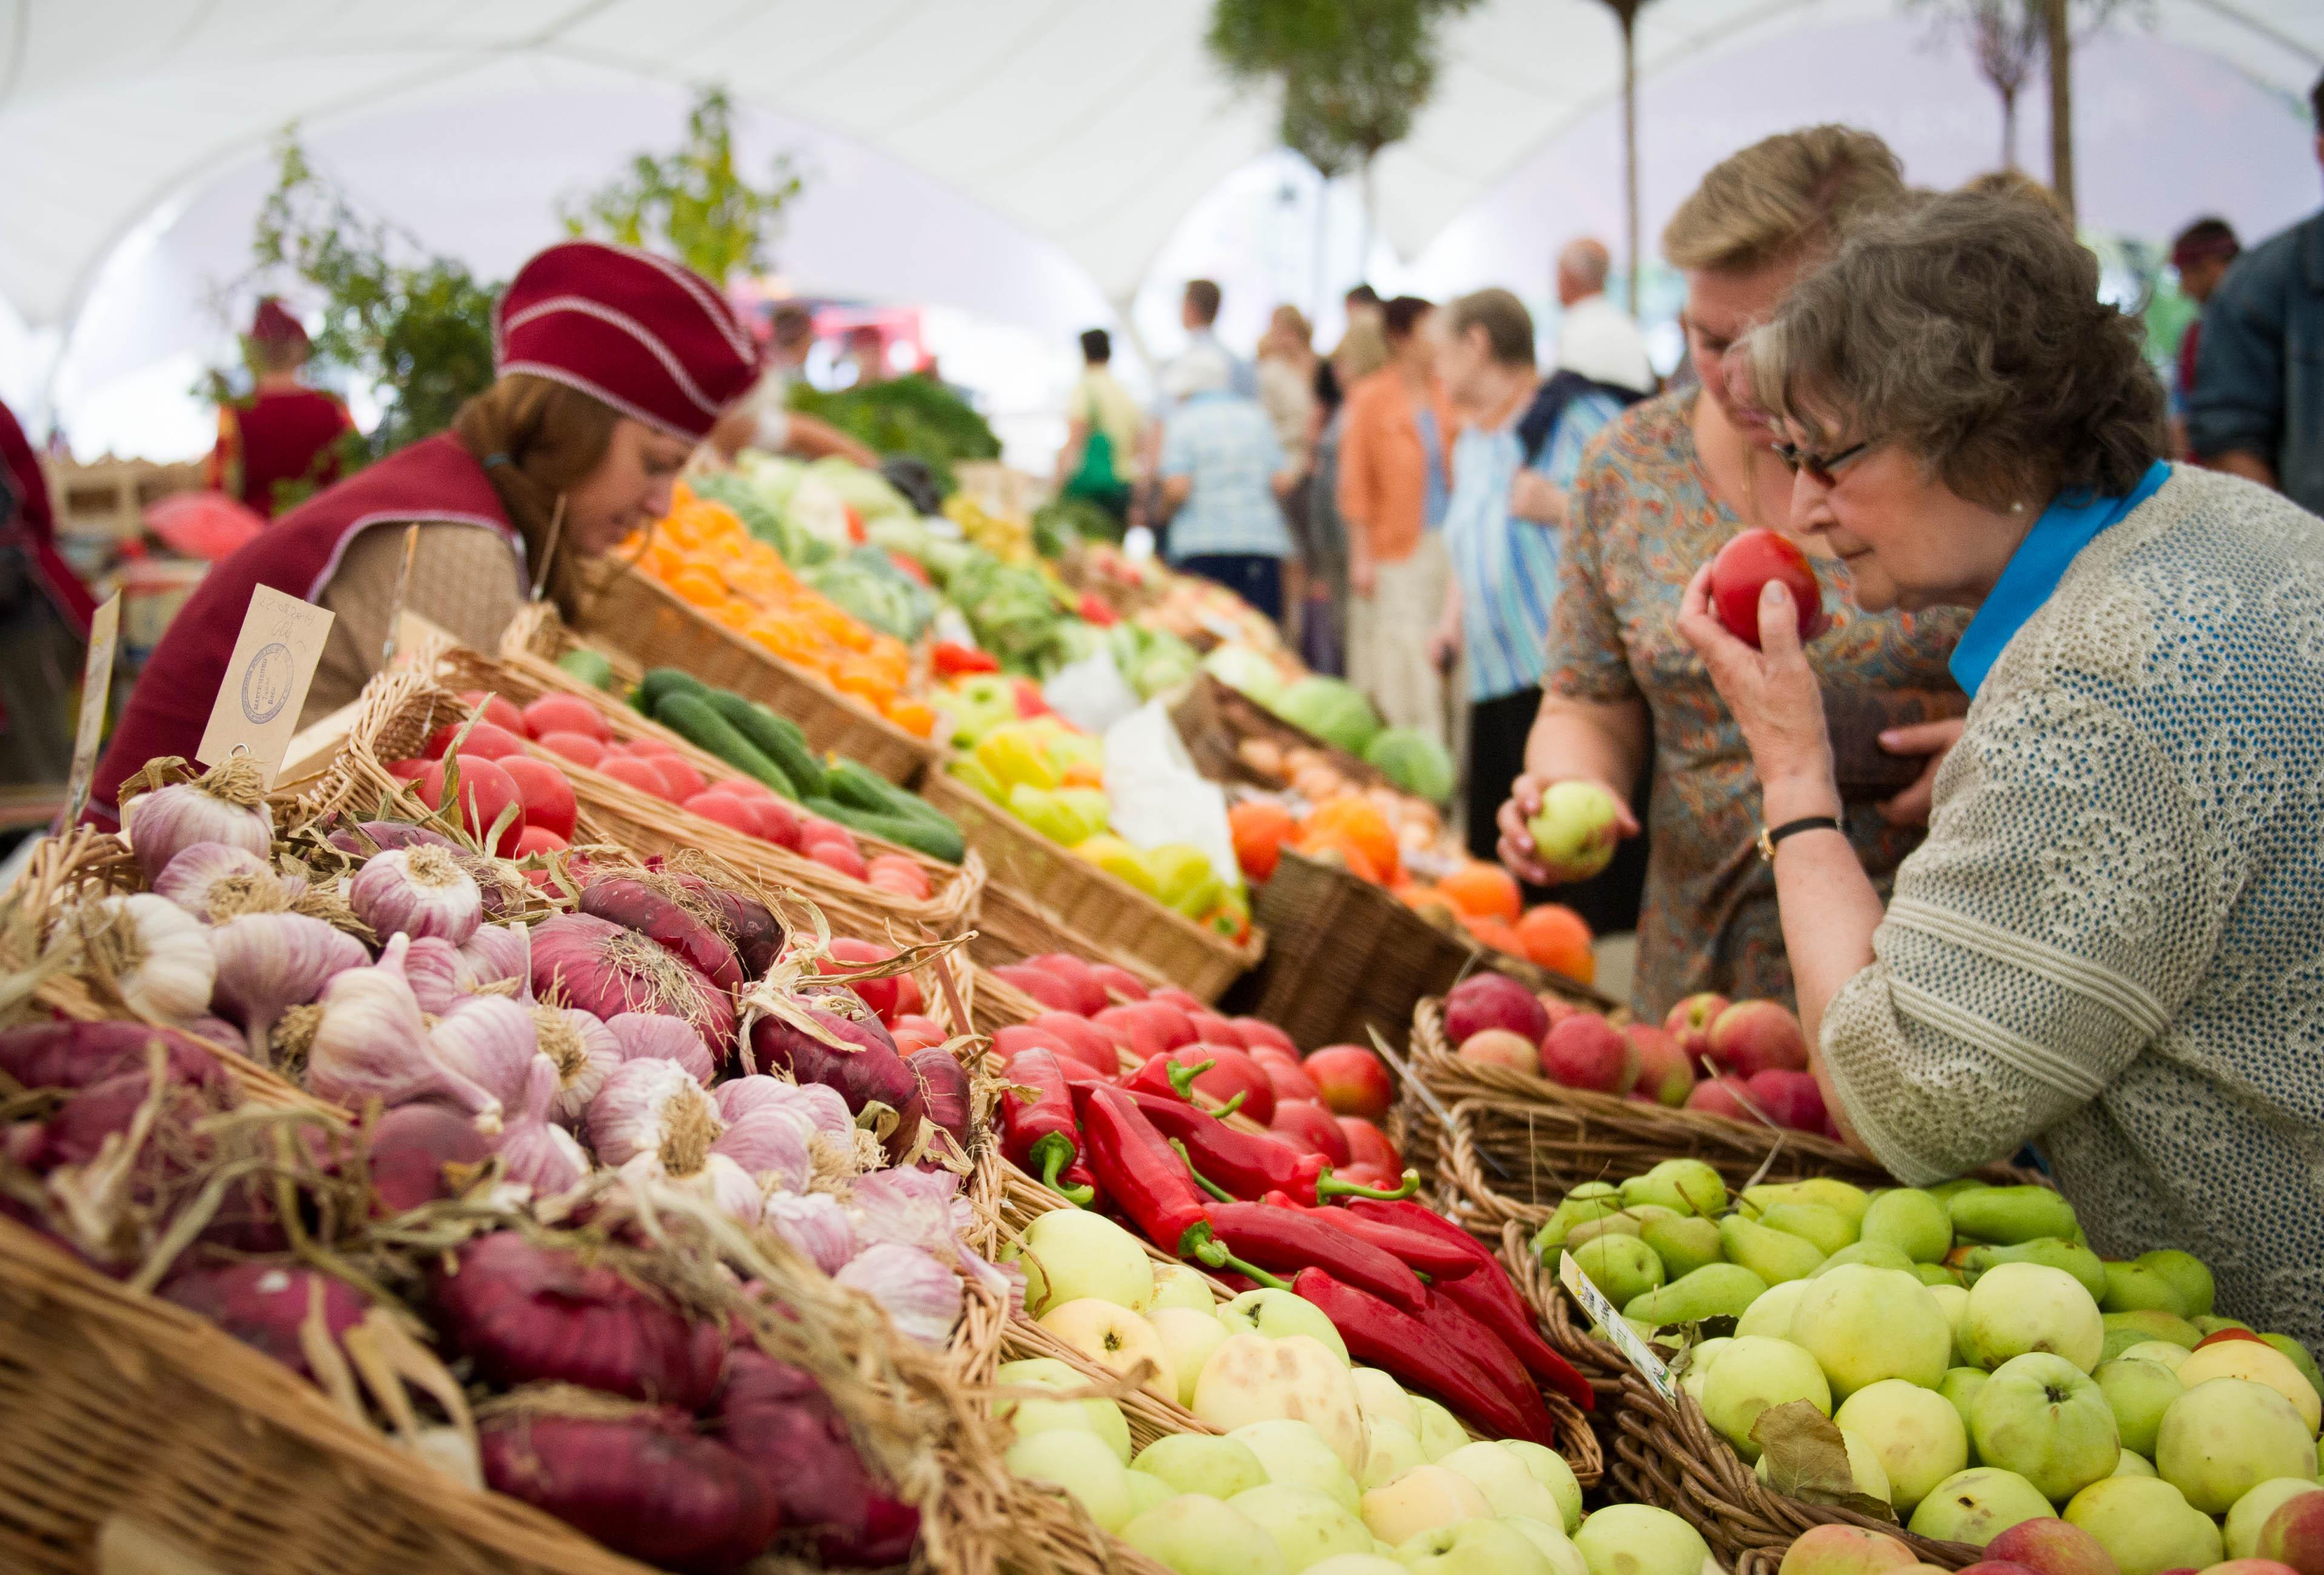 За прошлый год в Молдове значительно выросли цены на продукты | Новости  Приднестровья